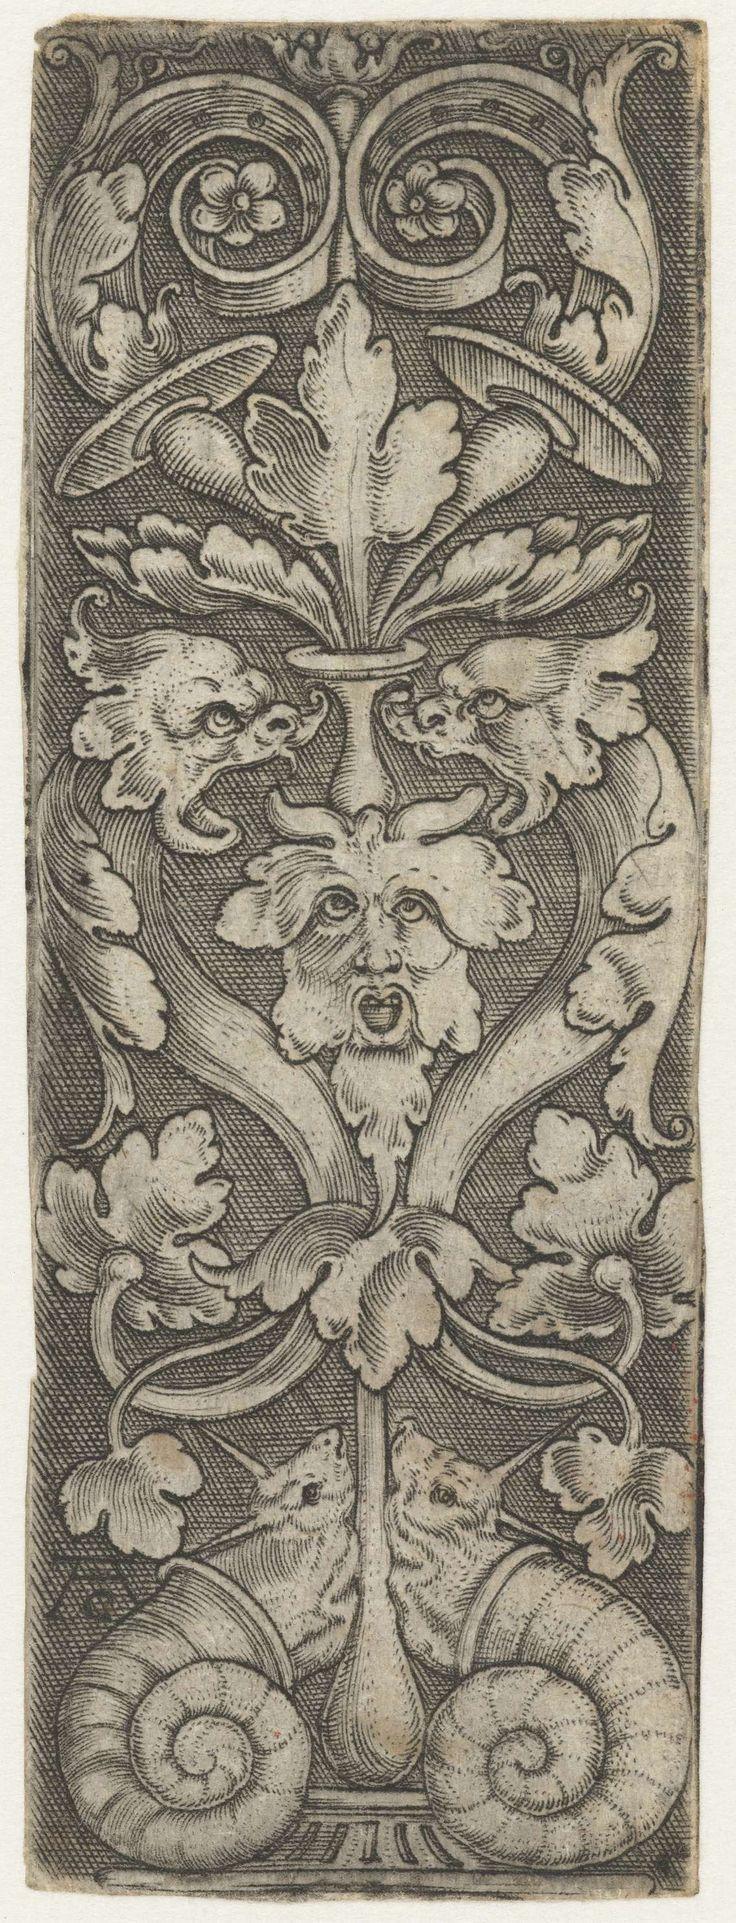 Ornament met twee zeedieren en twee slakken, attributed to Monogrammist AC (16e eeuw), 1520 - 1562